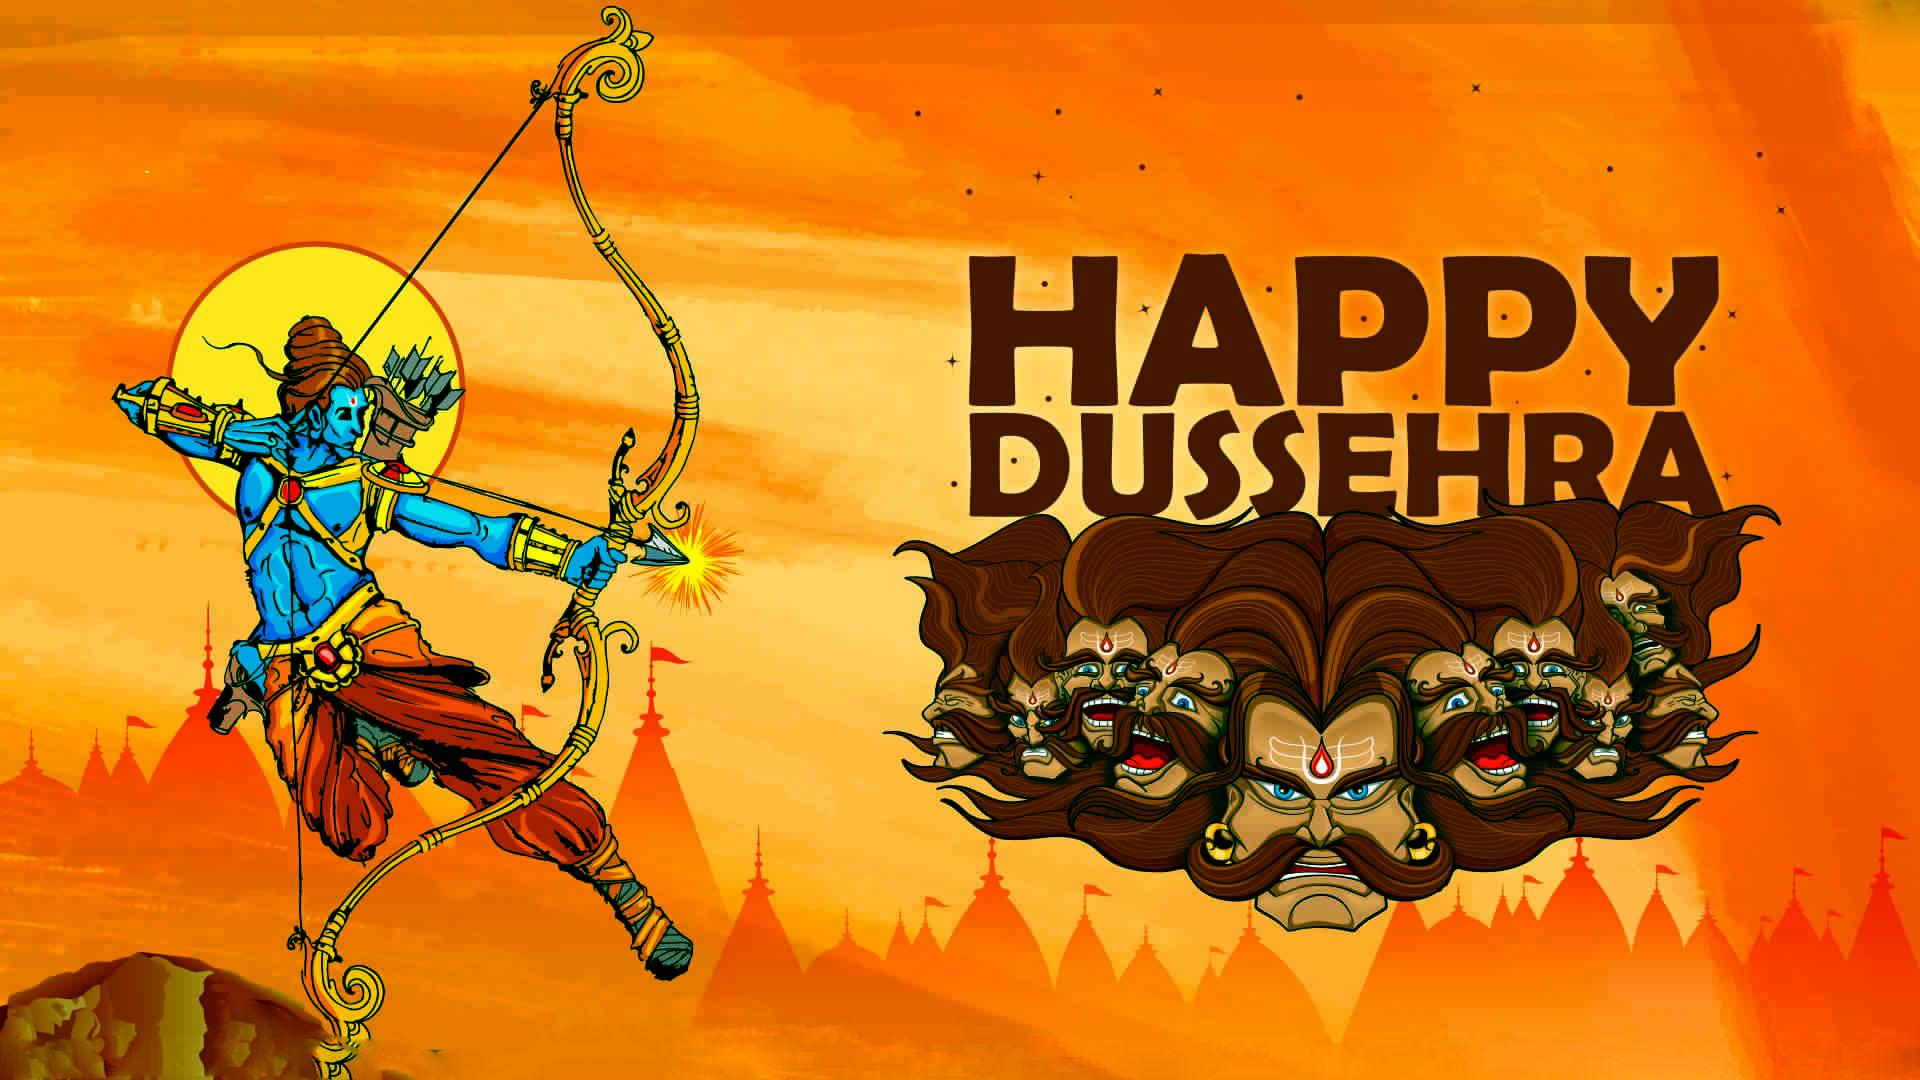 Happy Dussehra 3d Image